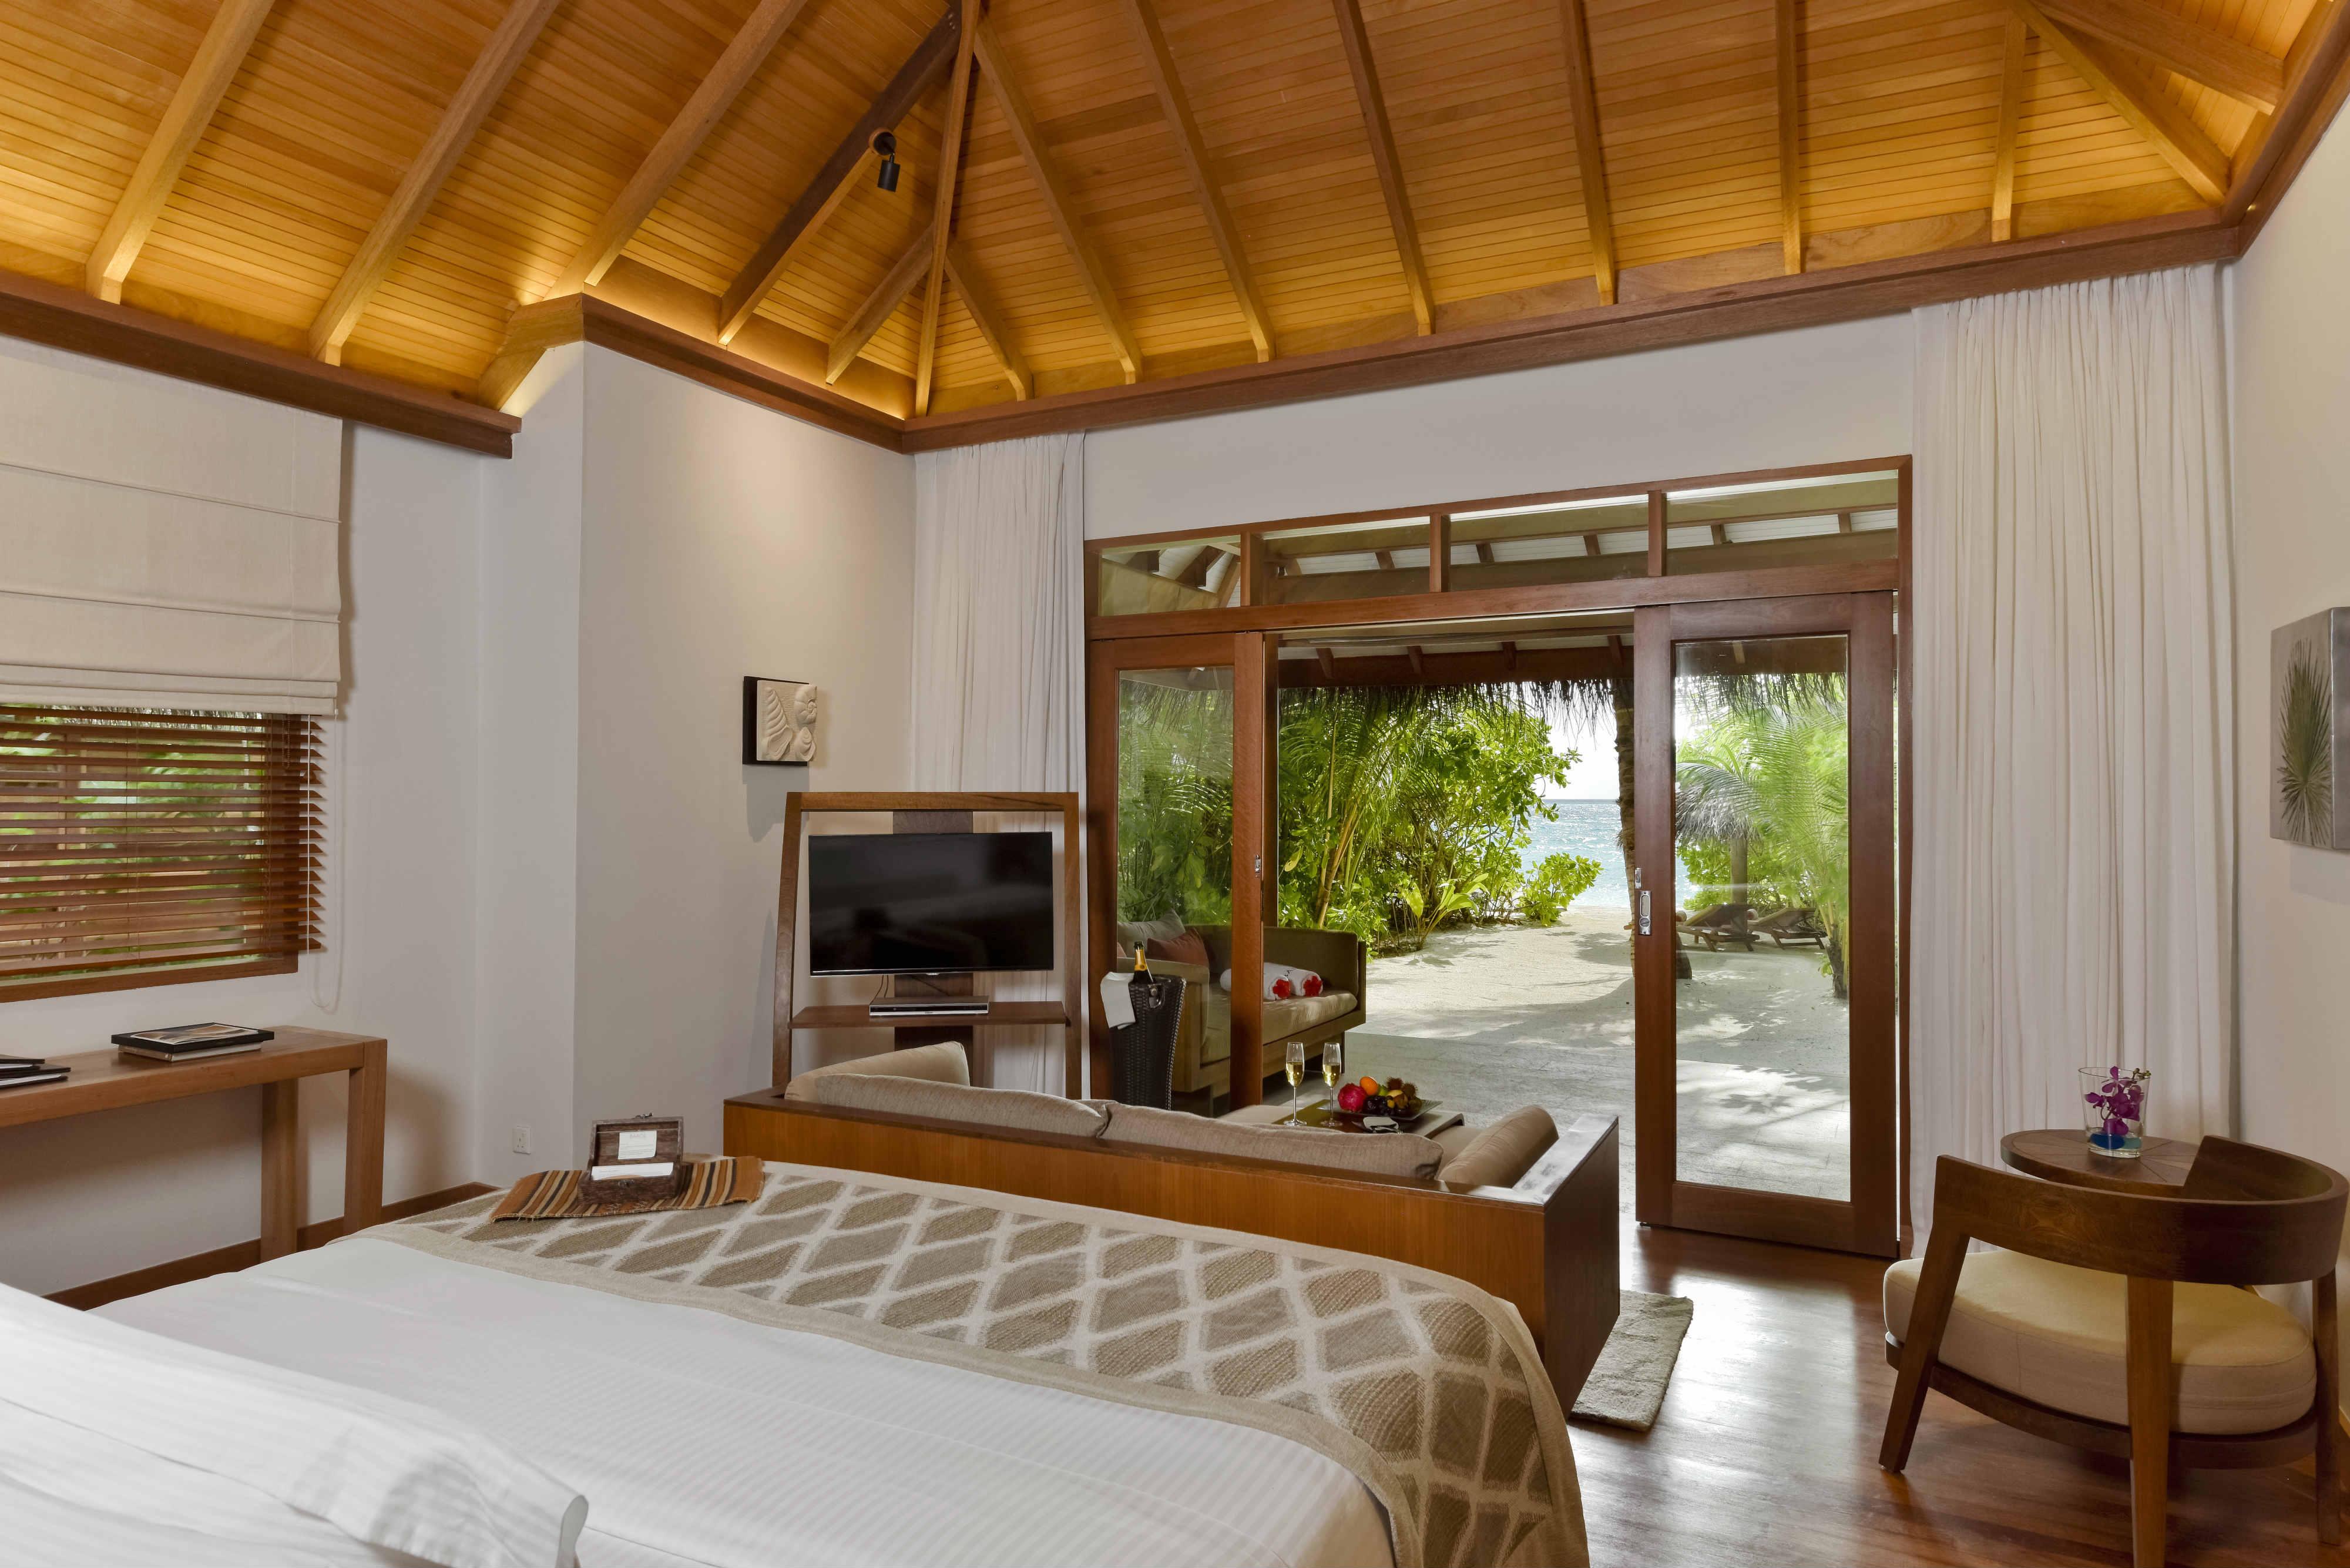 Baros Maldives Deluxe Villa (4)0000000000000000000